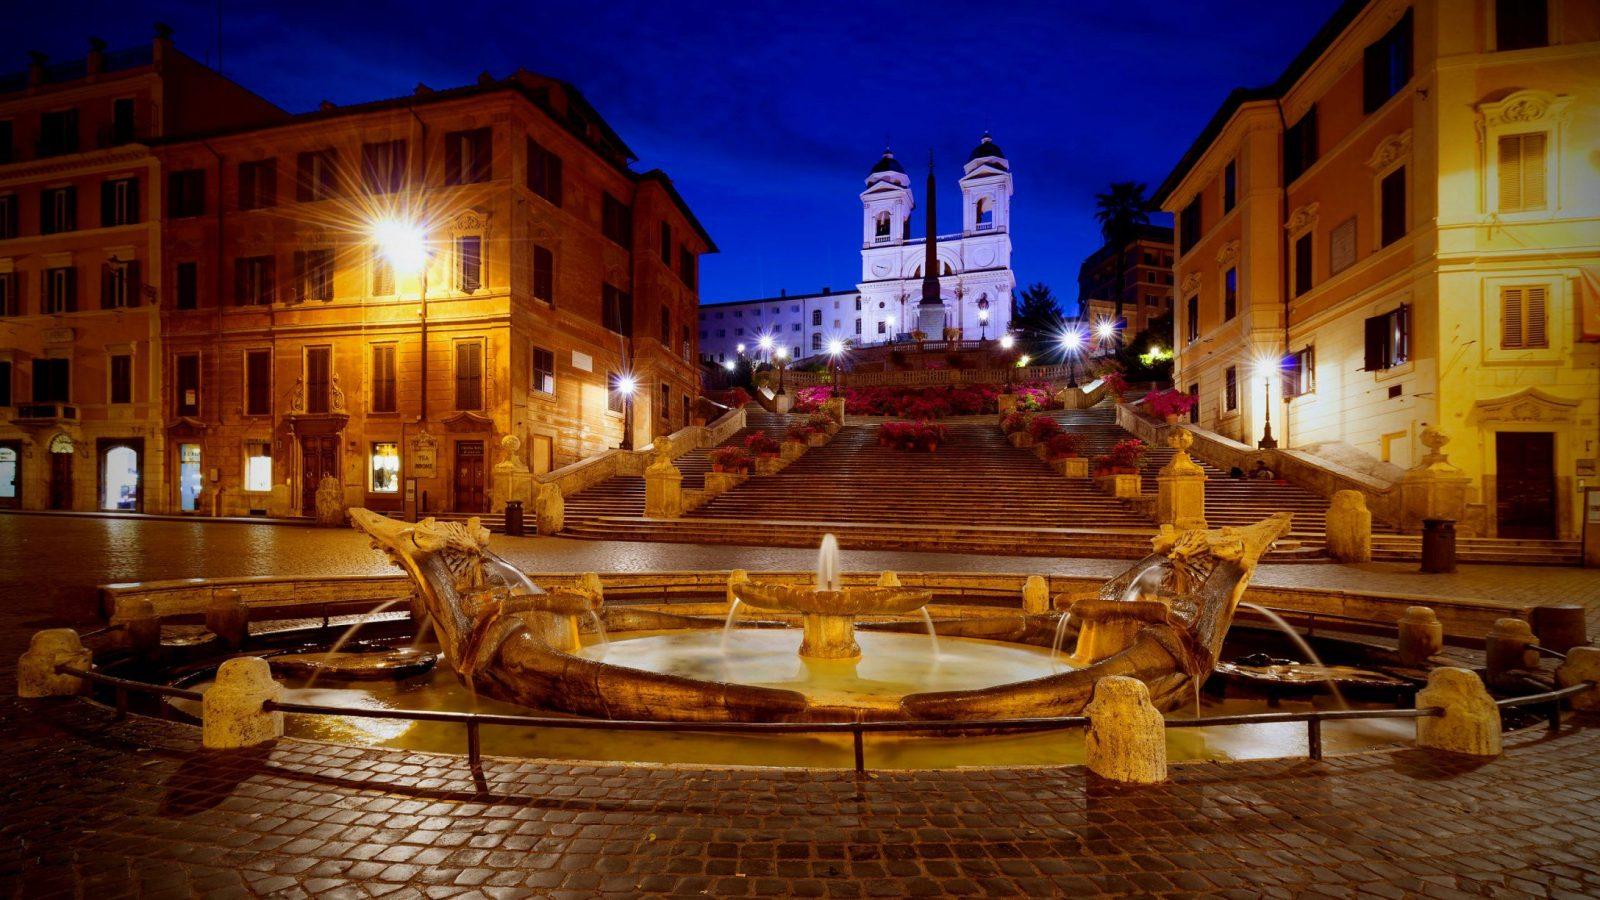 Unglaublich Spanische Treppe In Rom Porträt  Beste Möbel Galerie von Spanische Treppe Rom Gesperrt Bild